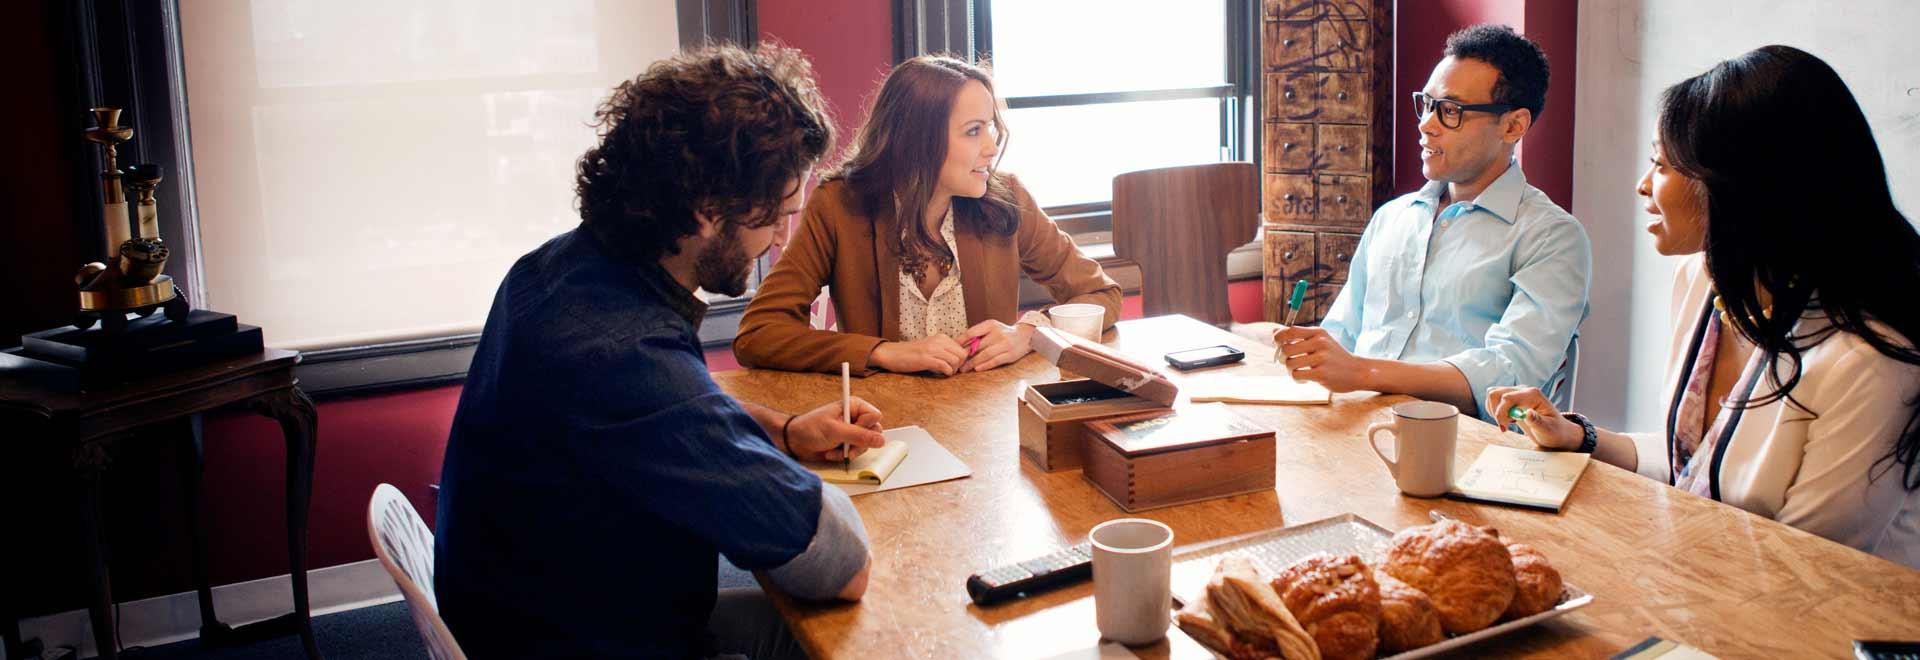 Négy személy dolgozik egy irodában az Office 365 Nagyvállalati E3 csomagot használva.